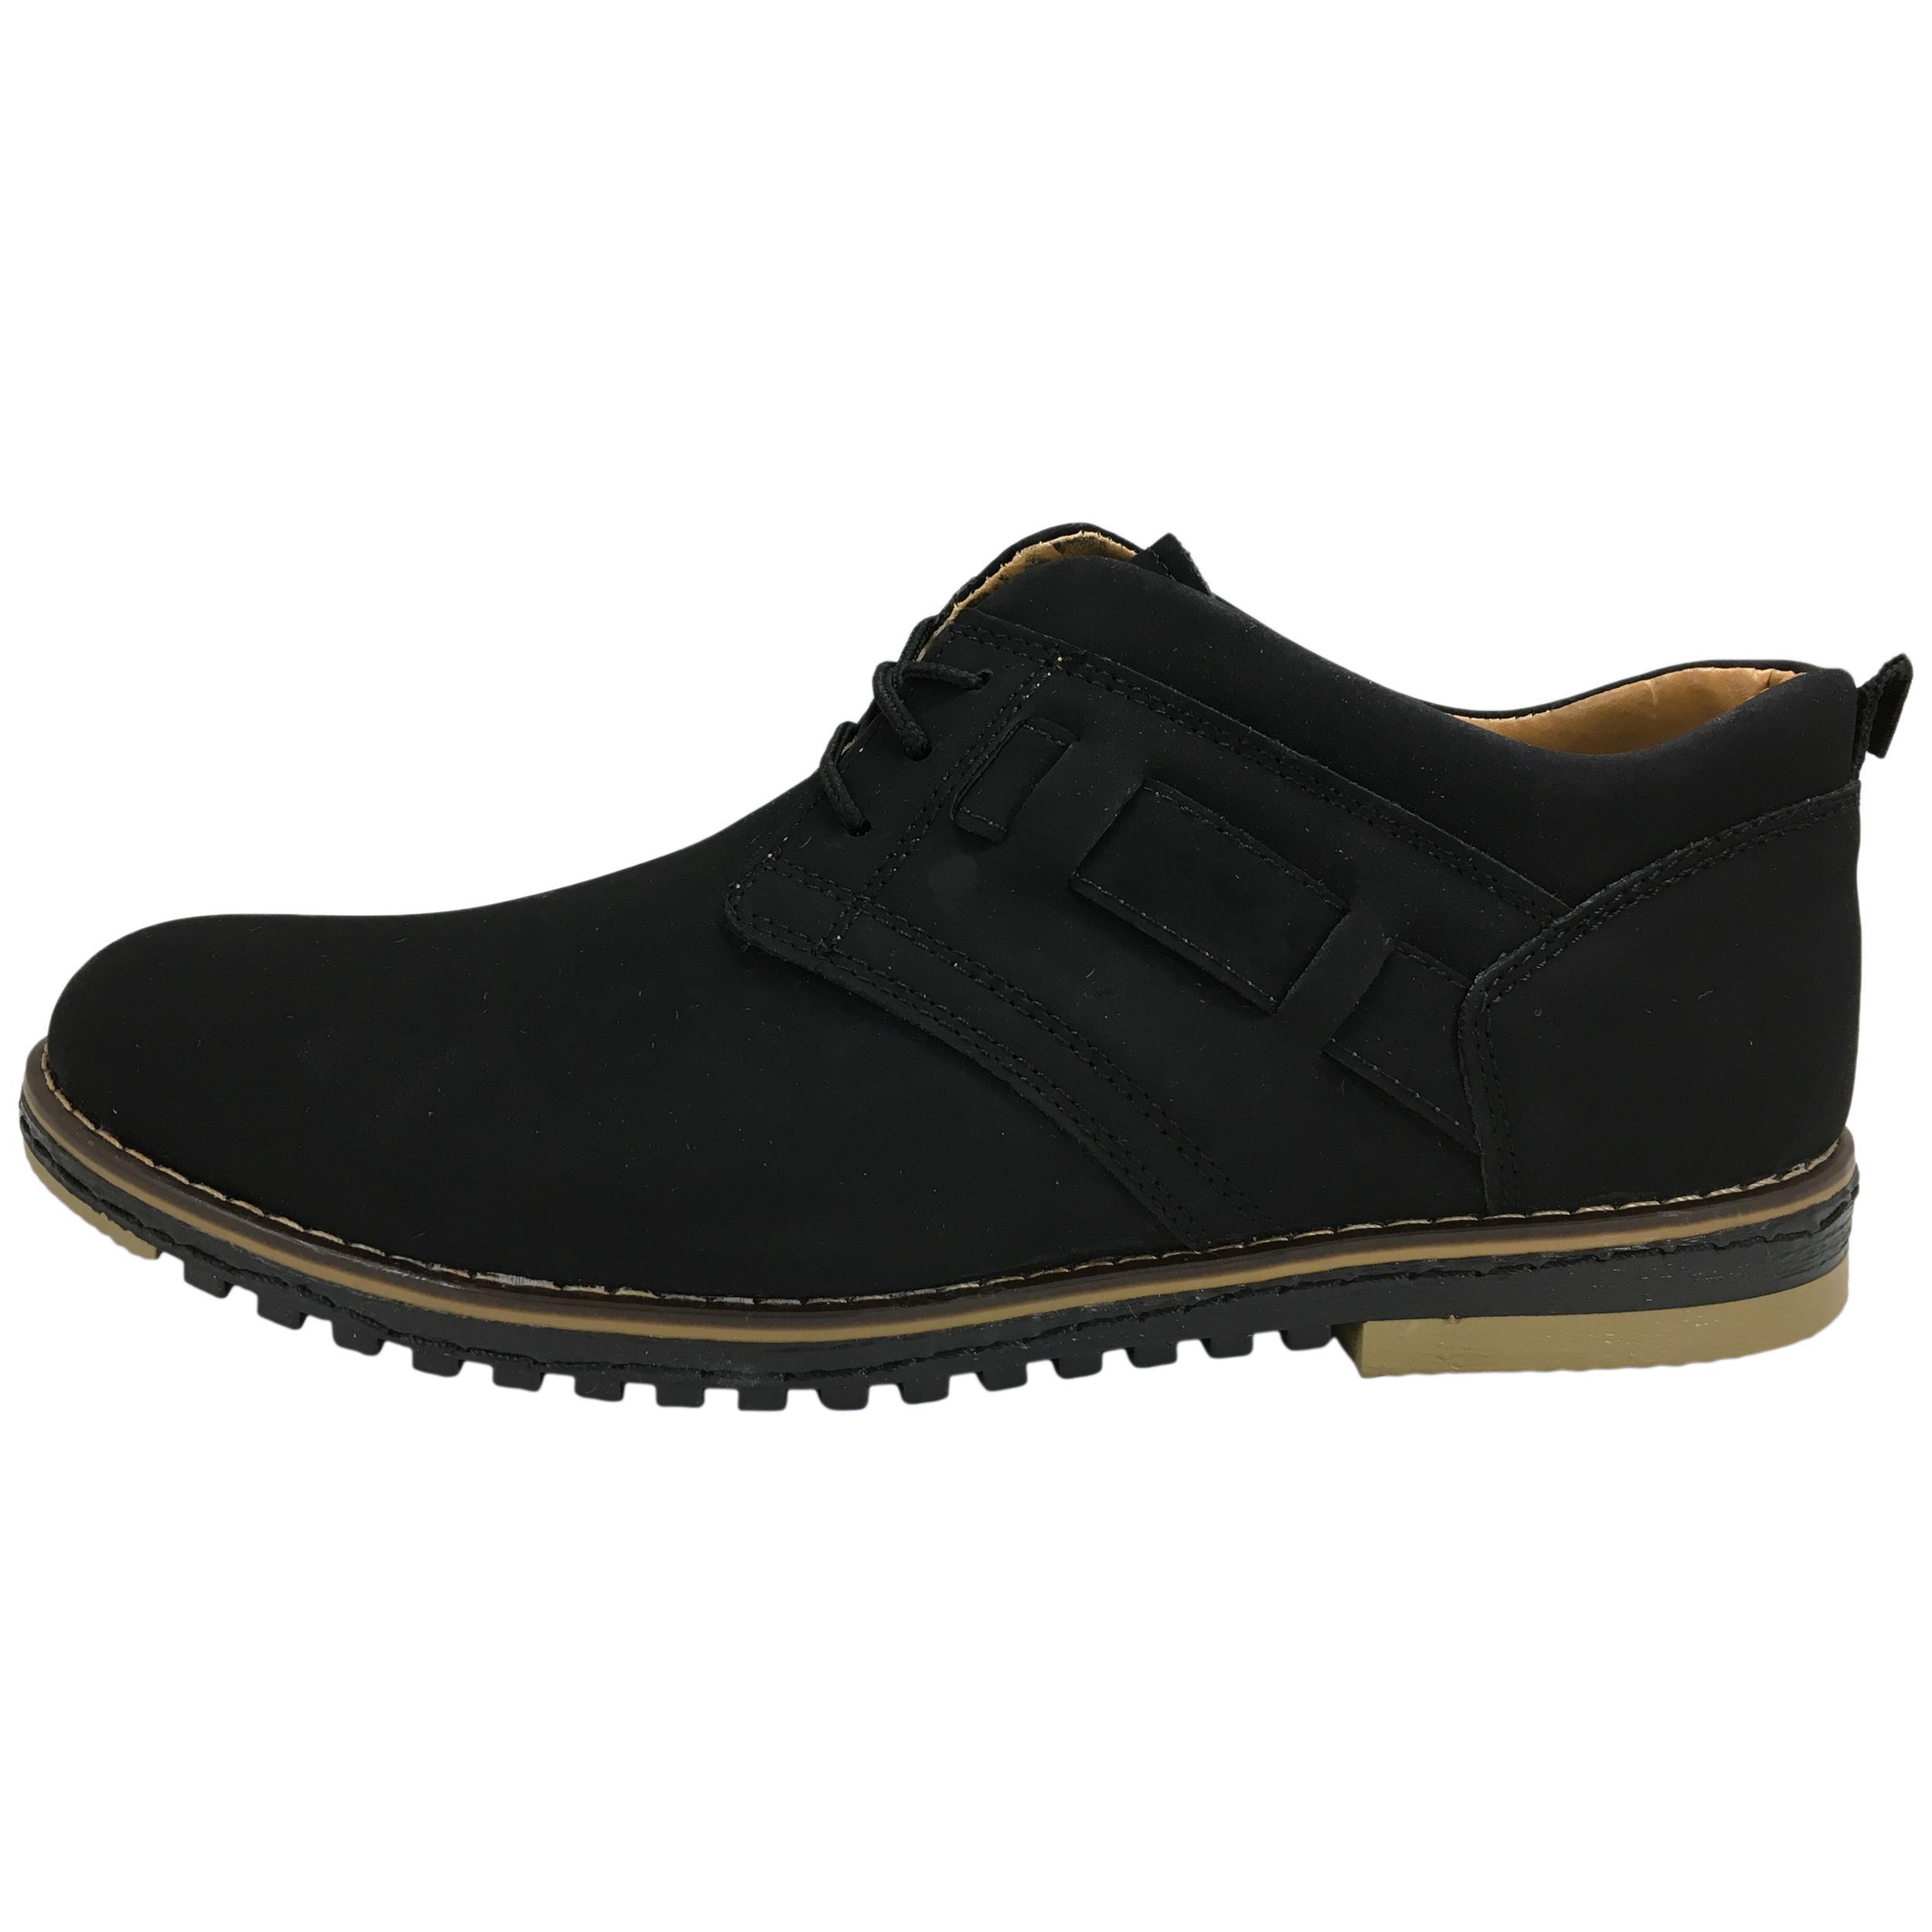 کفش مردانه مدل نقش جهان کد 3199